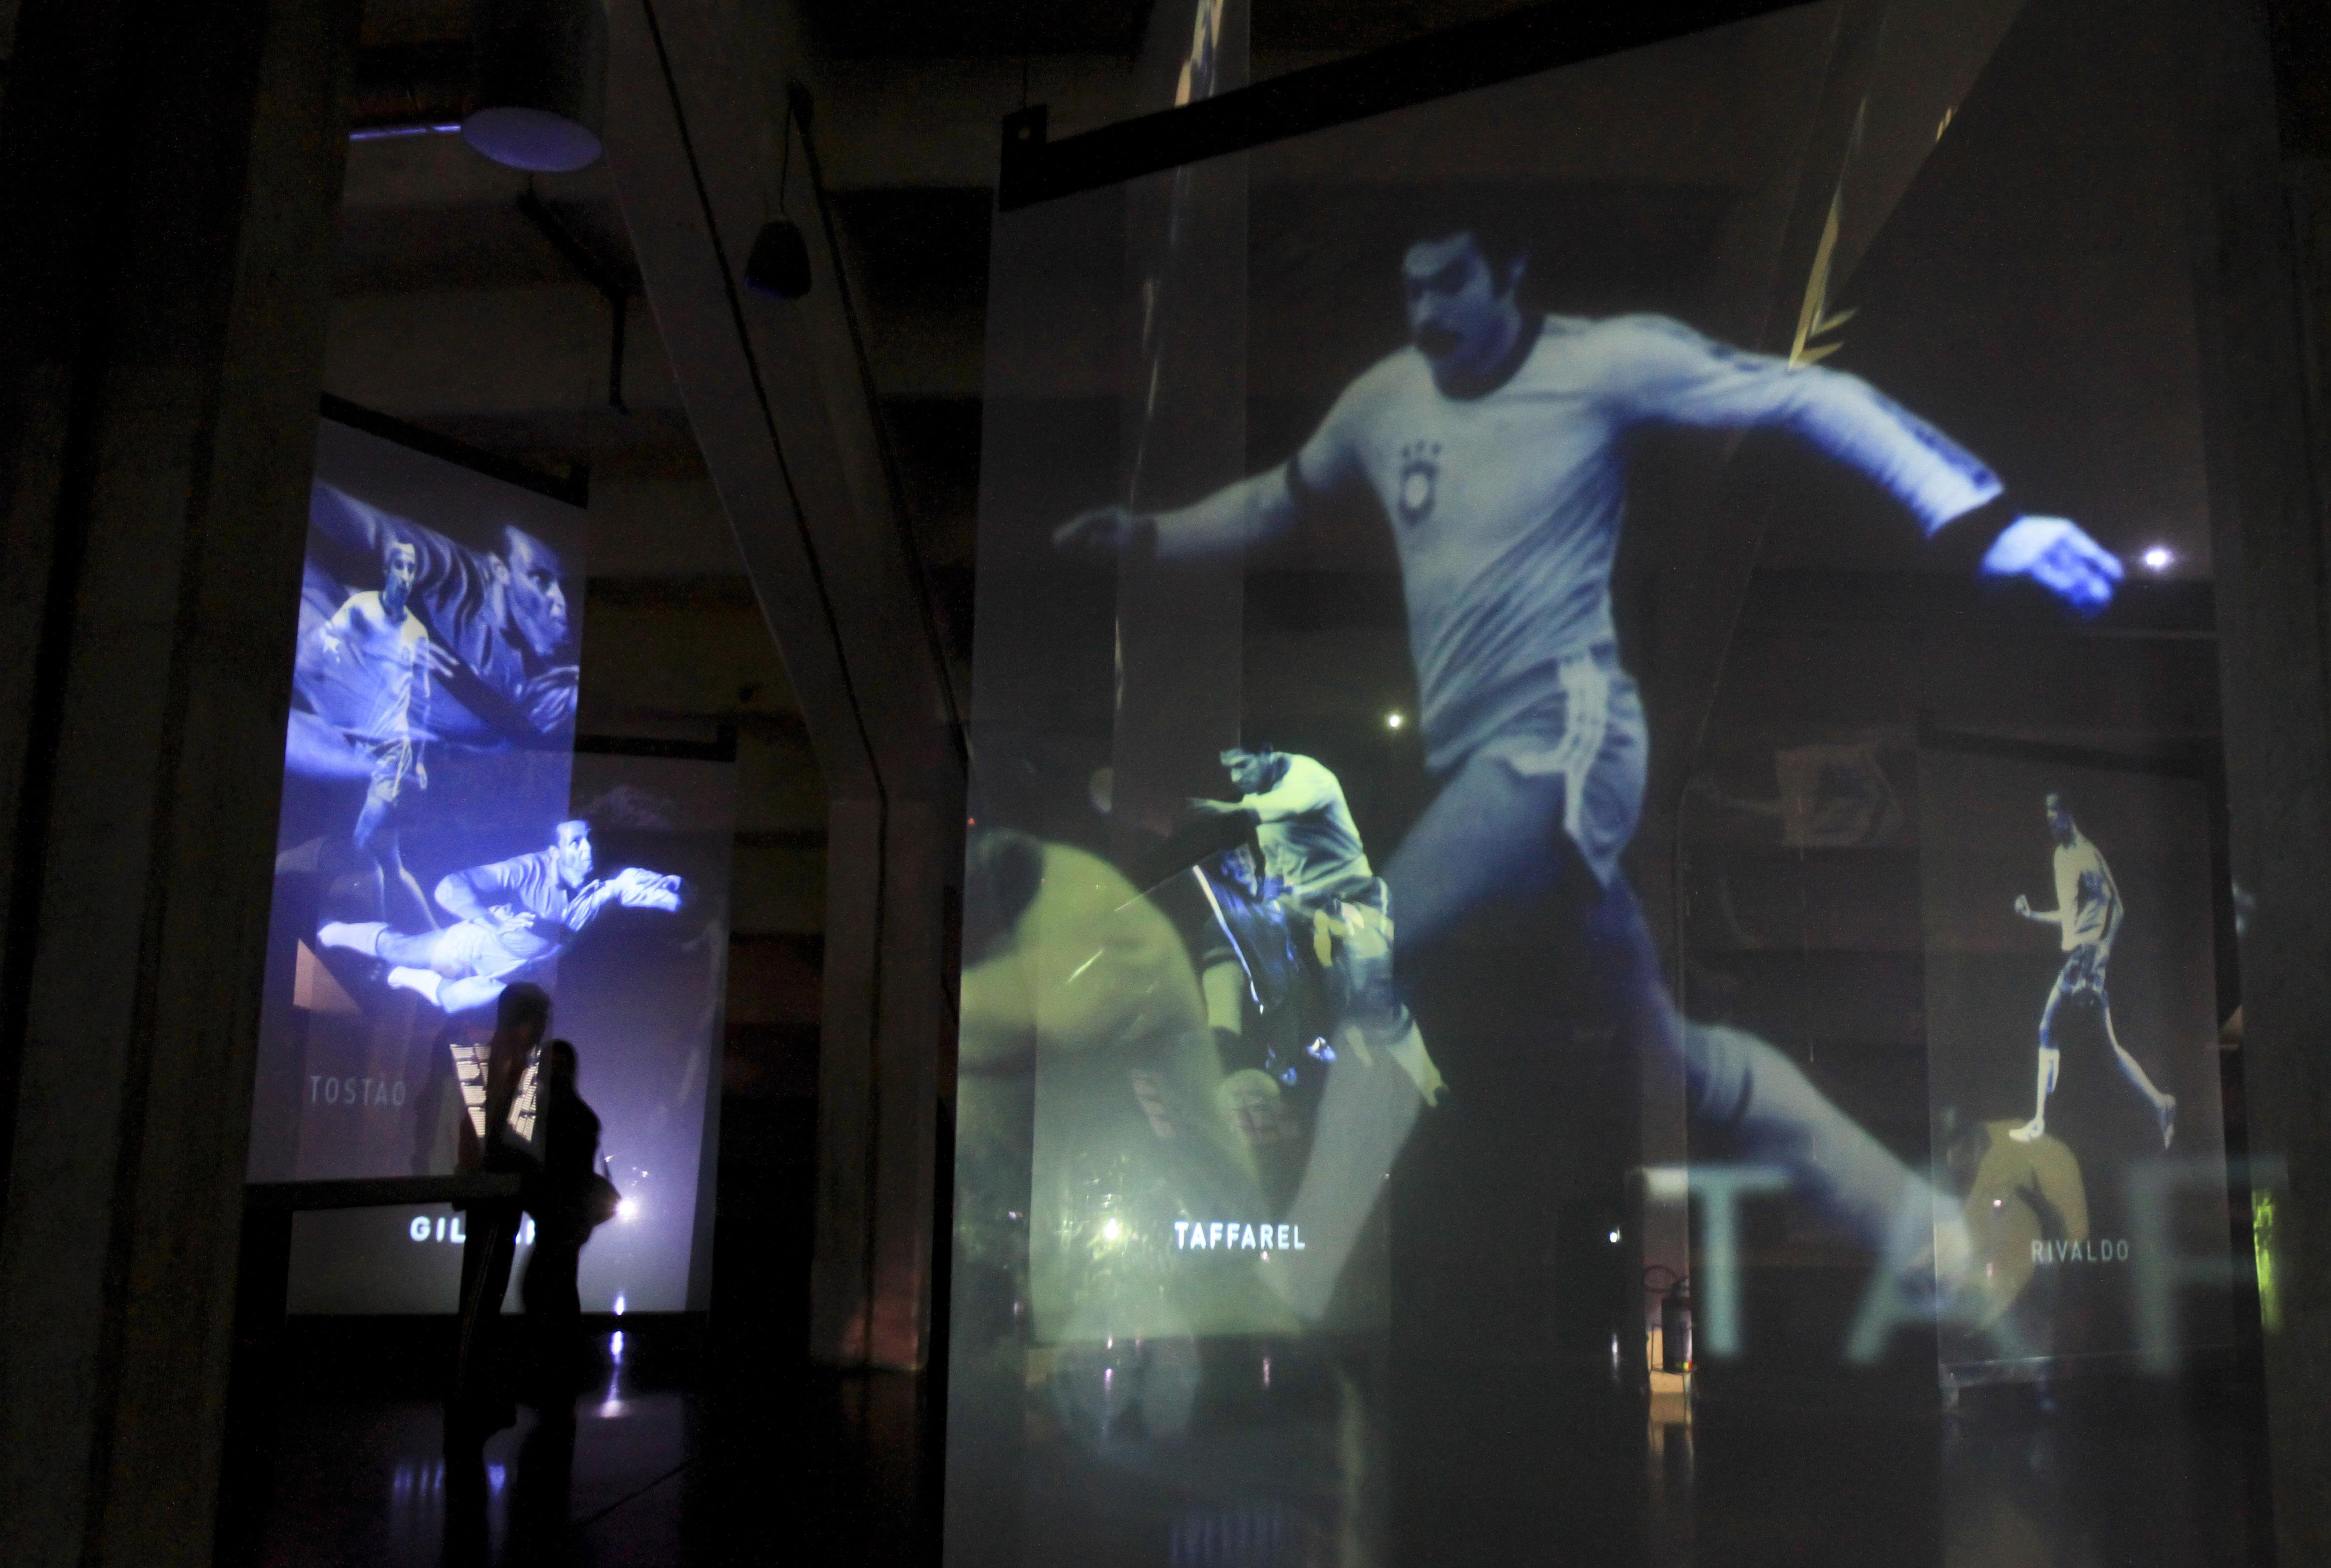 Museu do Futebol – São Paulo (SP) – 19.09.2013 – Geral - Museu do Futebol, no Estádio do Pacaembu, Praça Charles Miller, S/N - Estádio do Pacaembu São Paulo Foto: Jose Cordeiro/SPTuris